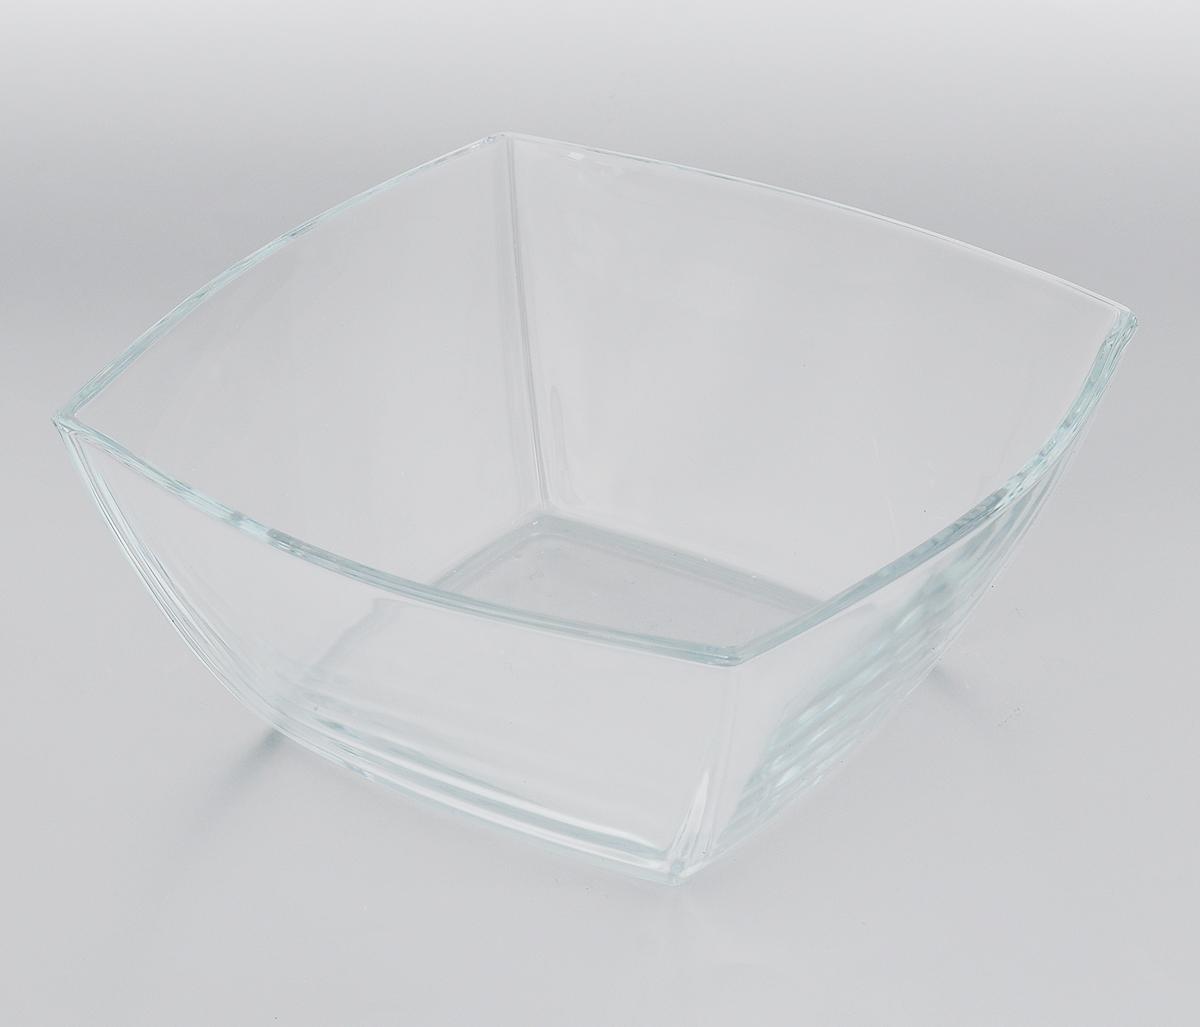 Салатник Pasabahce Tokio, 24 х 24 см53076BСалатник Pasabahce Tokio, выполненный из прочного натрий-кальций-силикатного стекла, предназначен для красивой сервировки различных блюд. Салатник сочетает в себе лаконичный дизайн с максимальной функциональностью. Оригинальность оформления придется по вкусу и ценителям классики, и тем, кто предпочитает утонченность и изящность. Можно мыть в посудомоечной машине, также использовать в холодильнике, морозильной камере и микроволновой печи до + 70°C. Размер салатника по верхнему краю: 24 х 24 см.